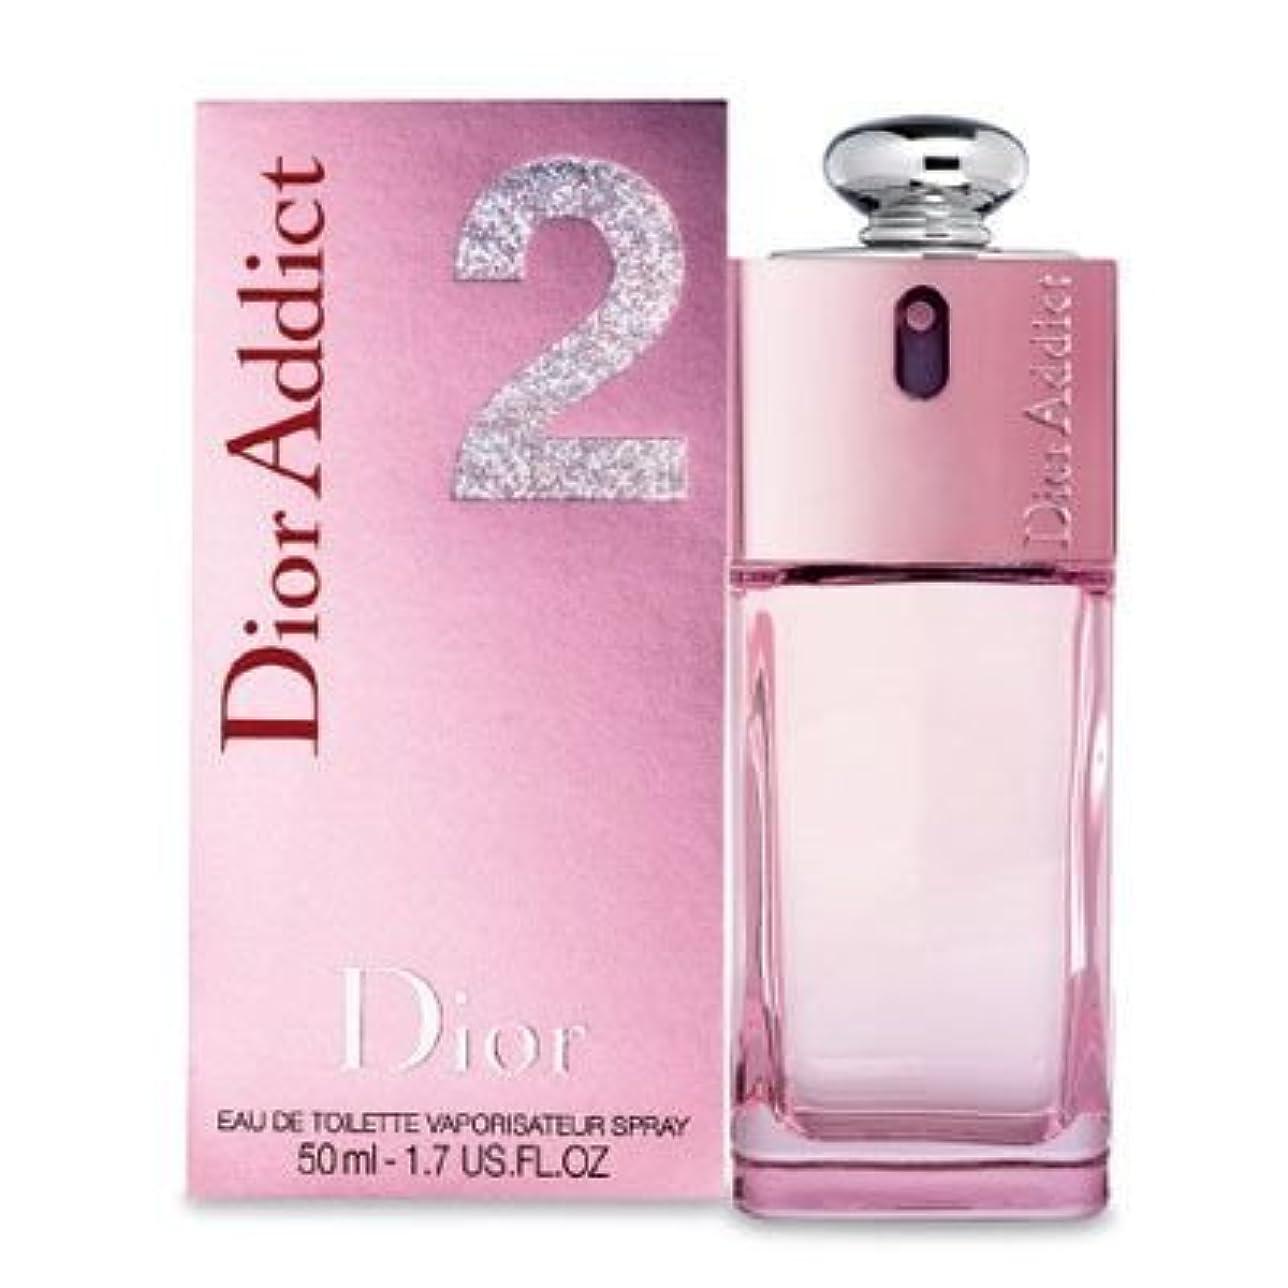 卵偶然の税金Christian Dior(クリスチャン ディオール) アディクト 2 EDT SP 50ML